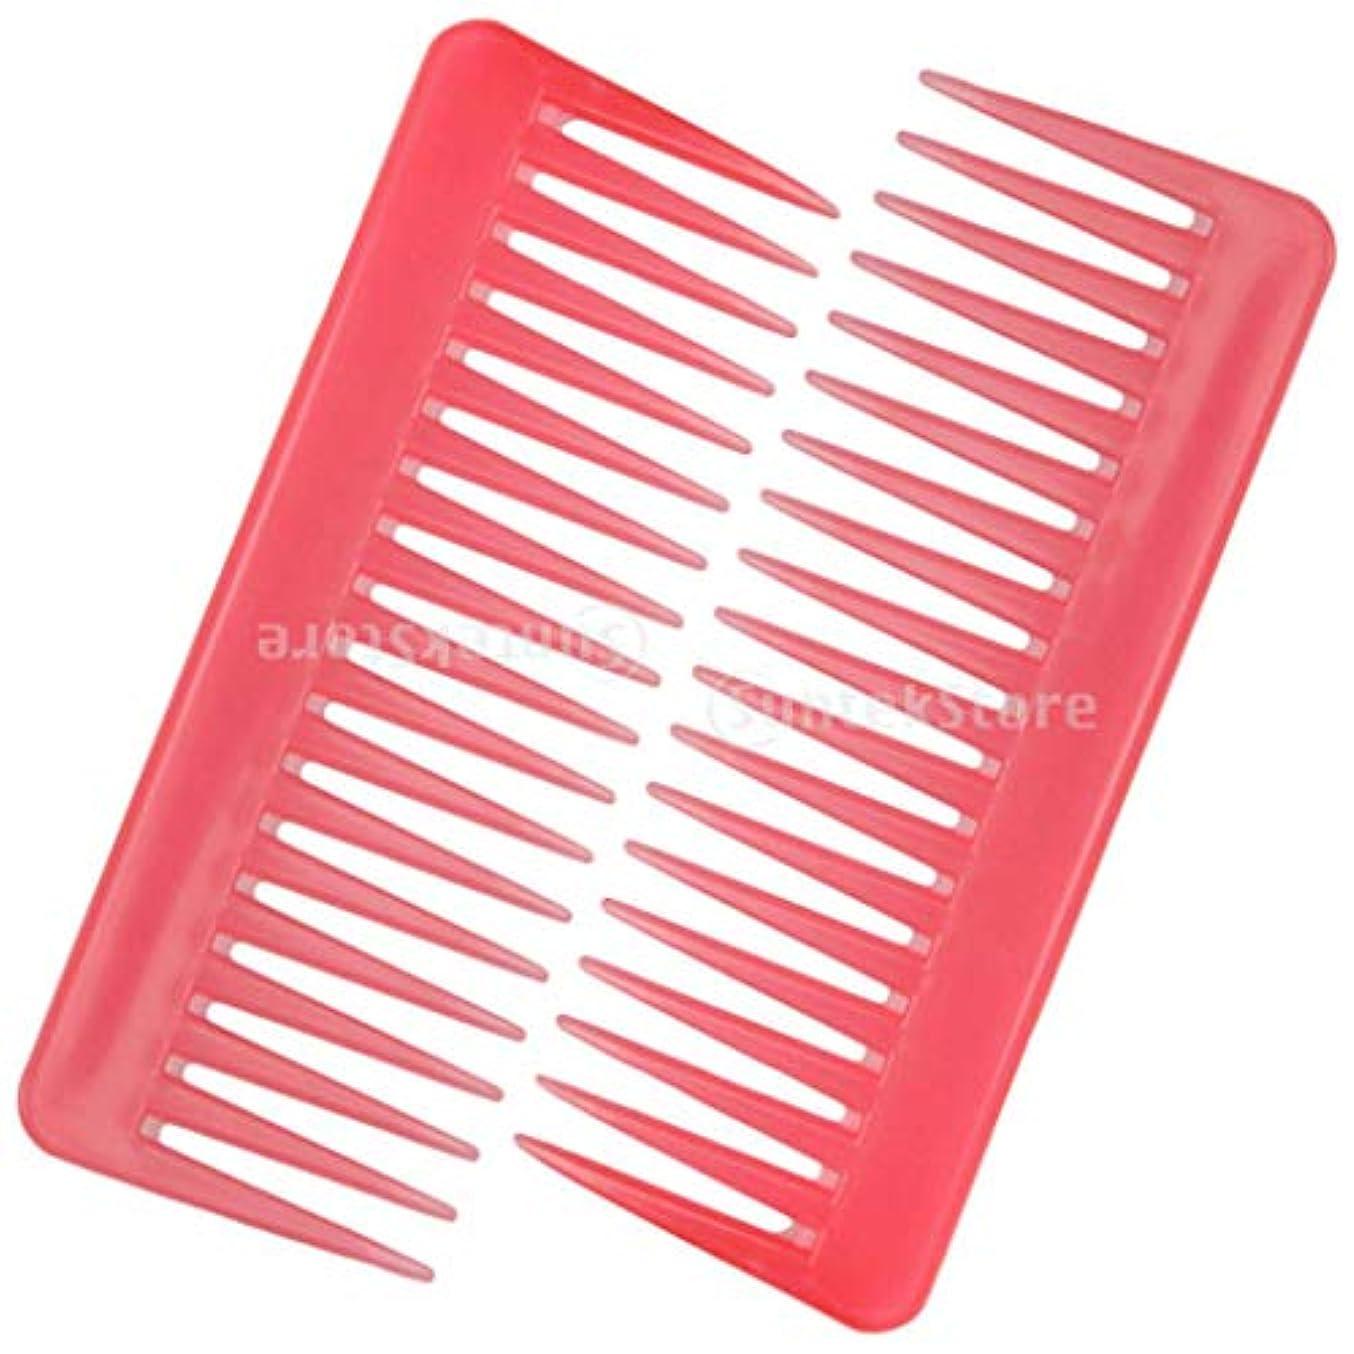 必要条件極貧ライドPerfeclan 2個セット 静電防止くし 広い歯 櫛 サロン ヘアブラシ ヘアスタイリング